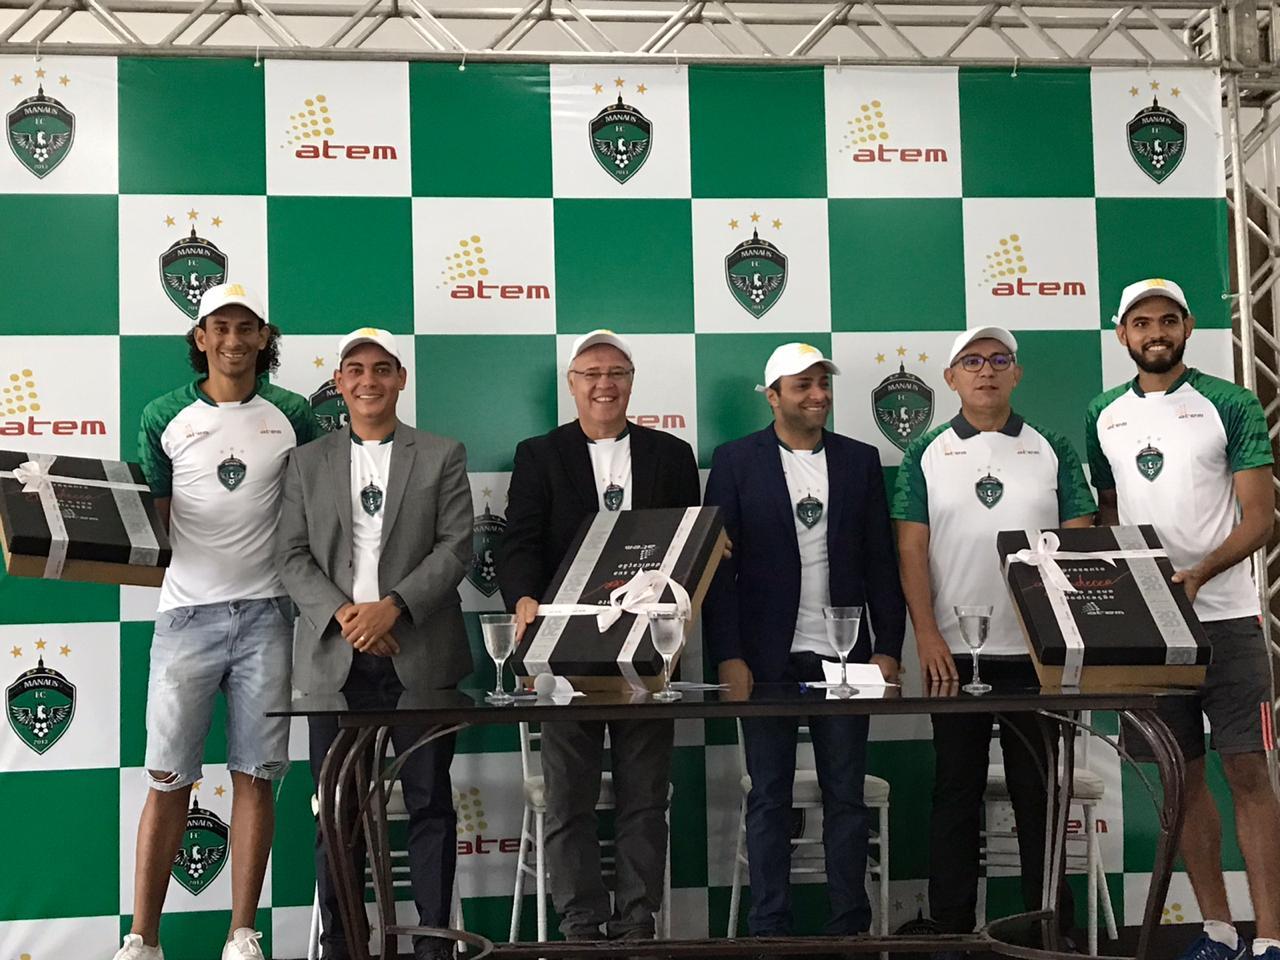 Grupo Atem renova patrocínio com o Manaus F.C para temporada 2020